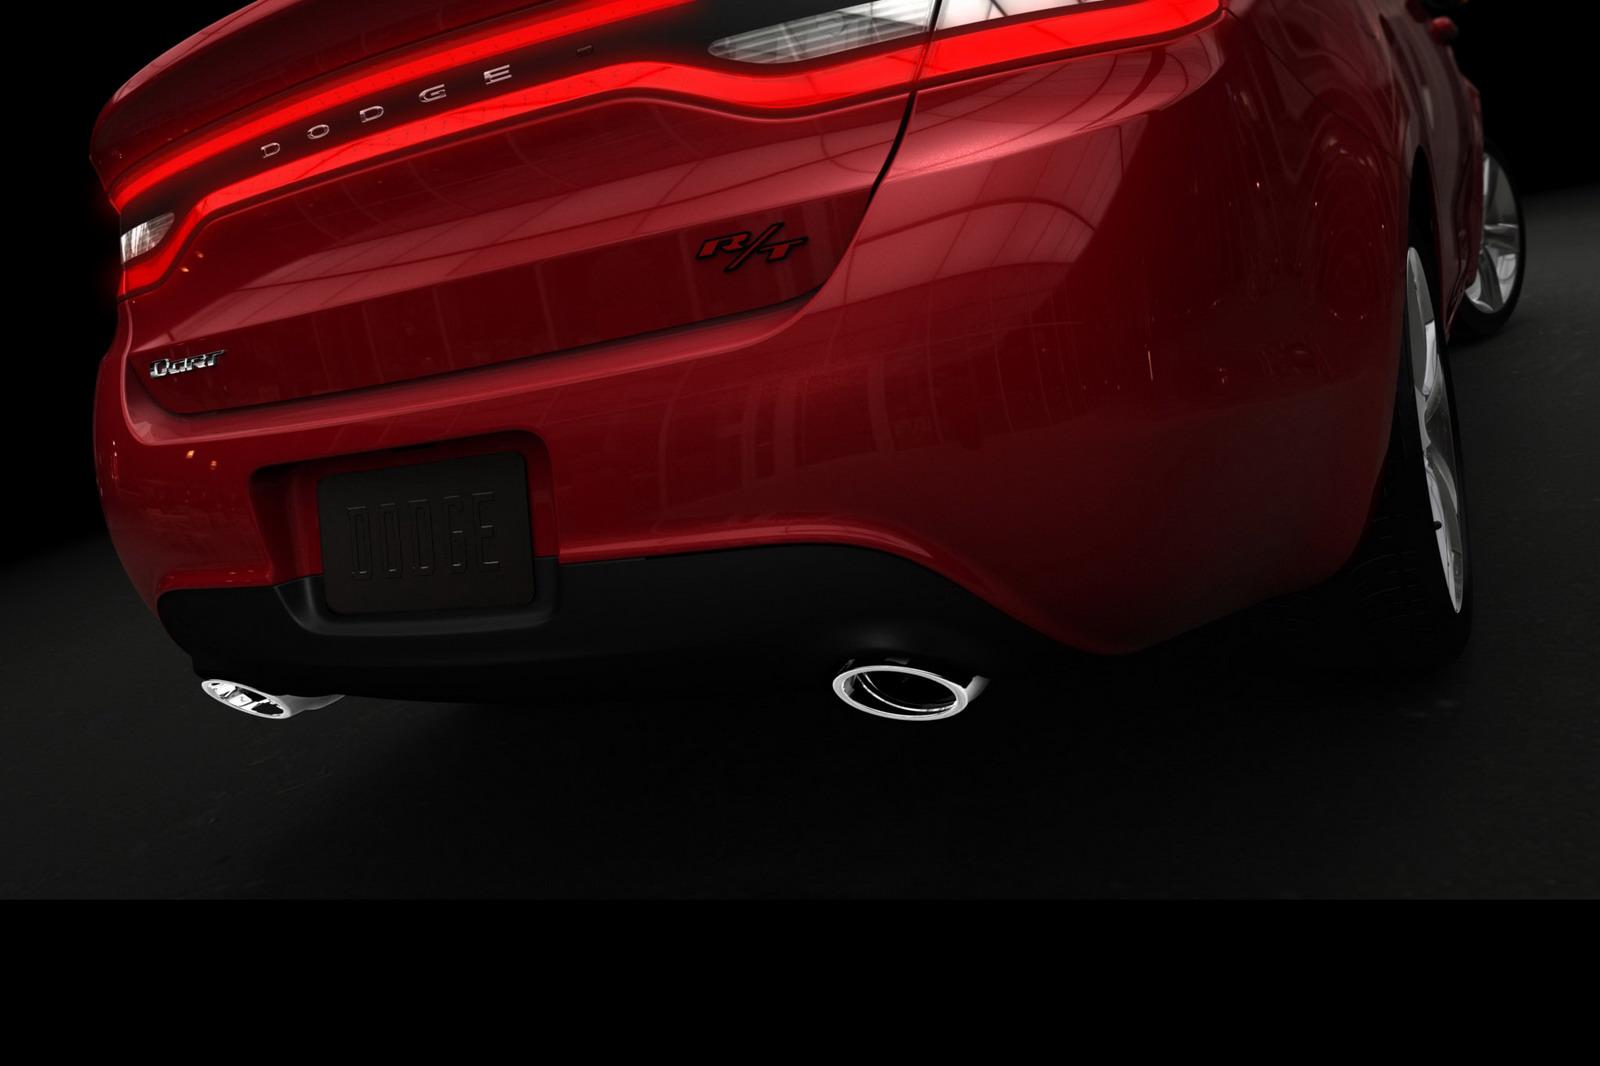 http://2.bp.blogspot.com/-Z1zKAd4wMVQ/TuEN-SGdpiI/AAAAAAAALMI/SvC7oGi6GtI/s1600/2013+Dodge+Dart+sedan+2.jpg